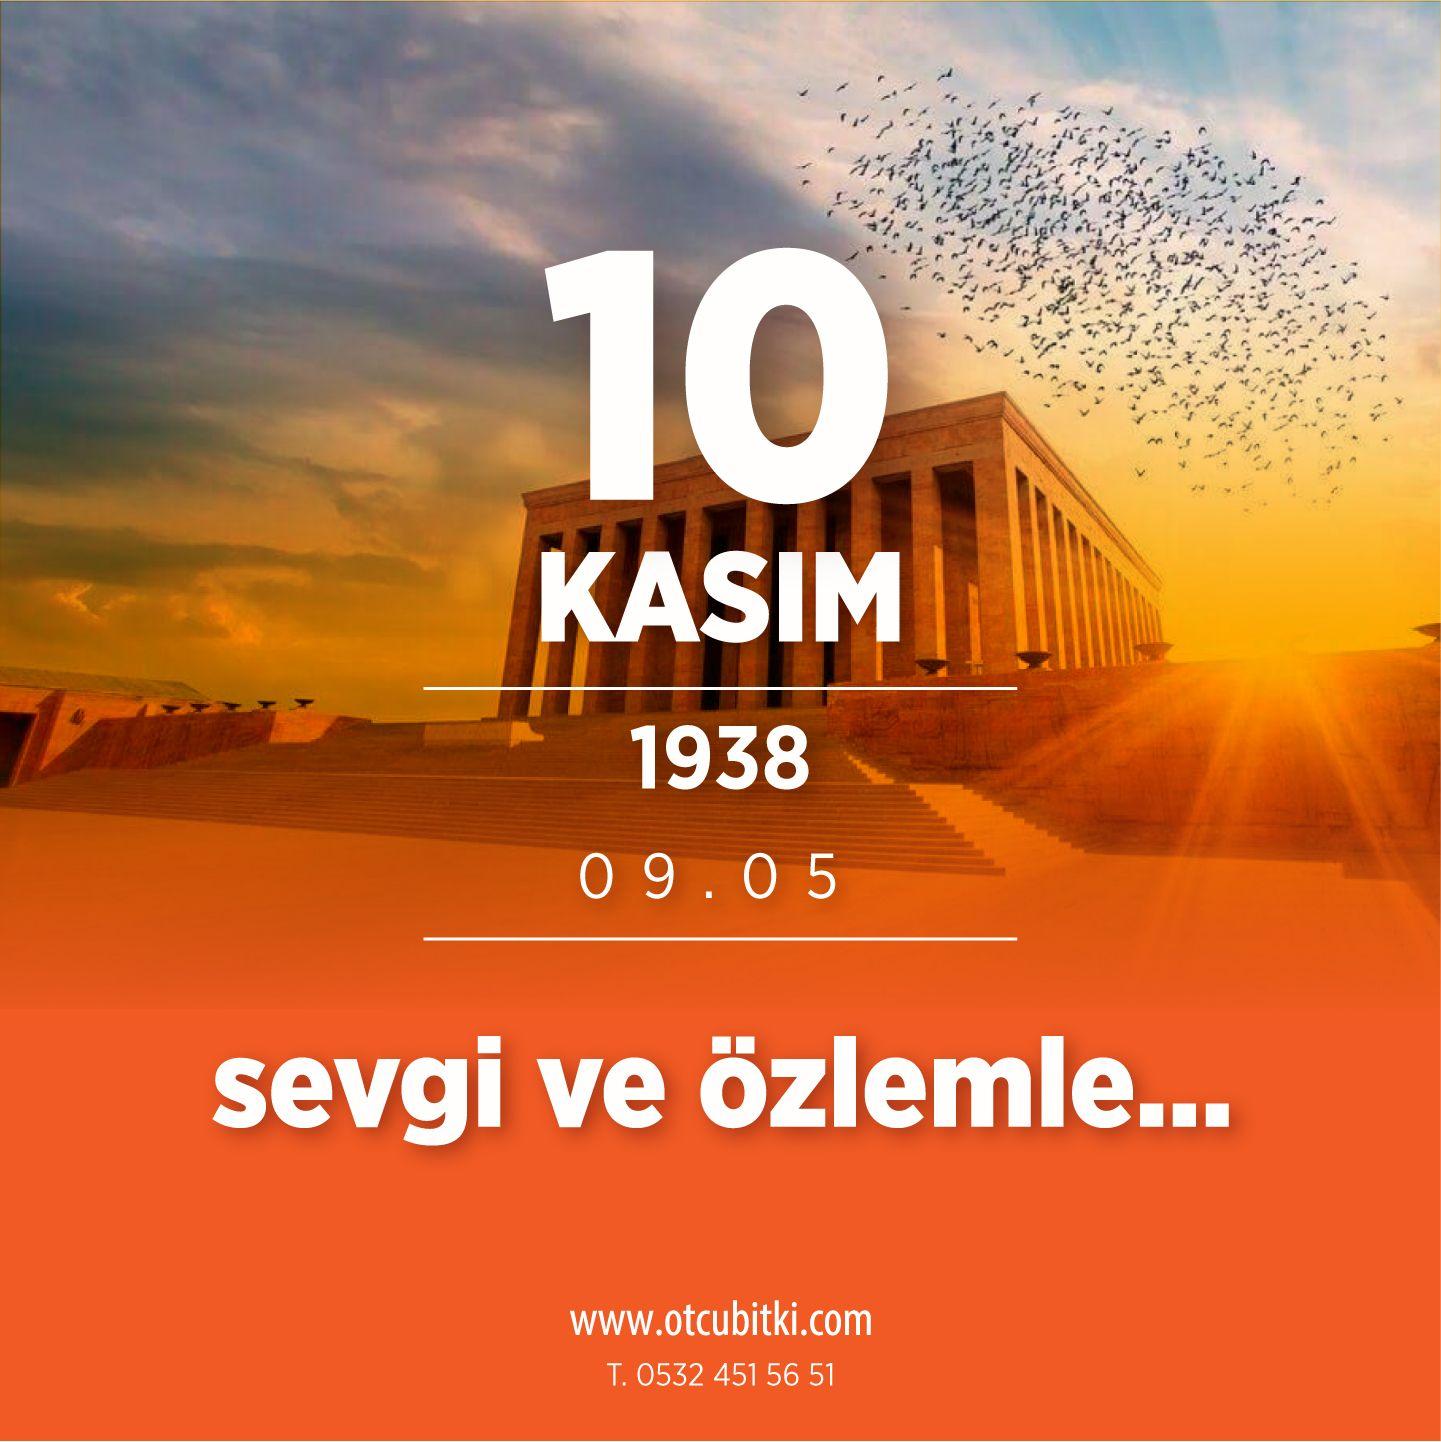 #10Kasim1938 #10kasım193oo #10KasimAtaturkuAnmaGunu #ATATURK